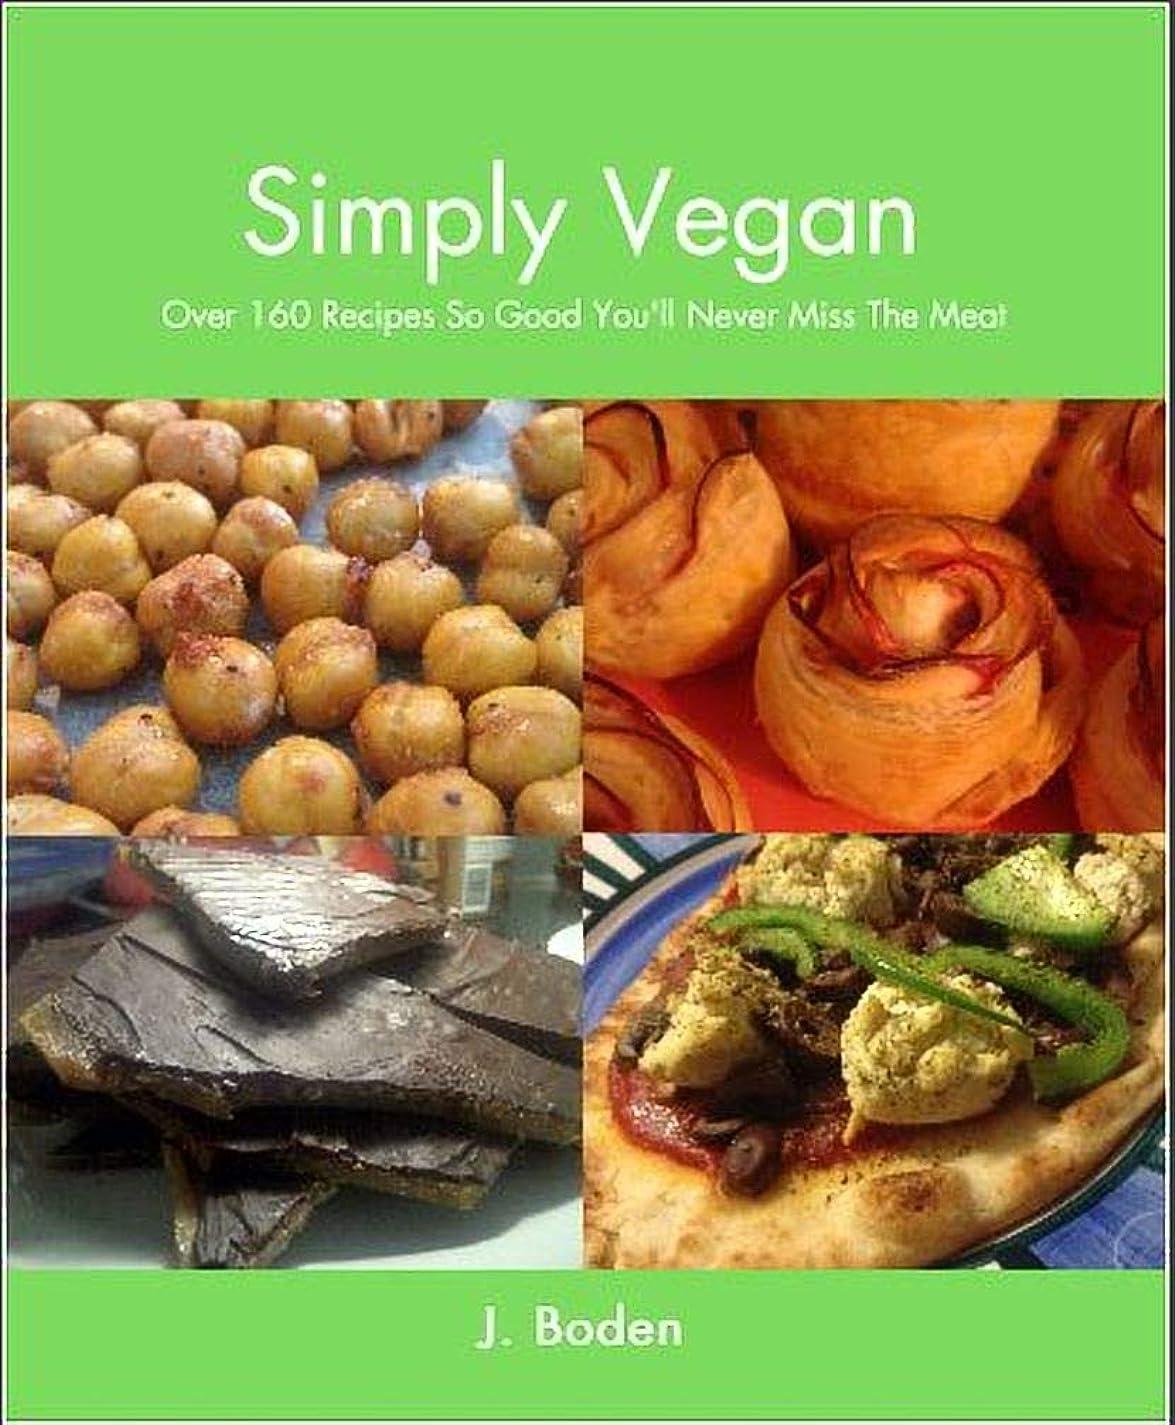 モーションのり十分なSimply Vegan: Over 160 Recipes So Good You'll Never Miss The Meat (English Edition)